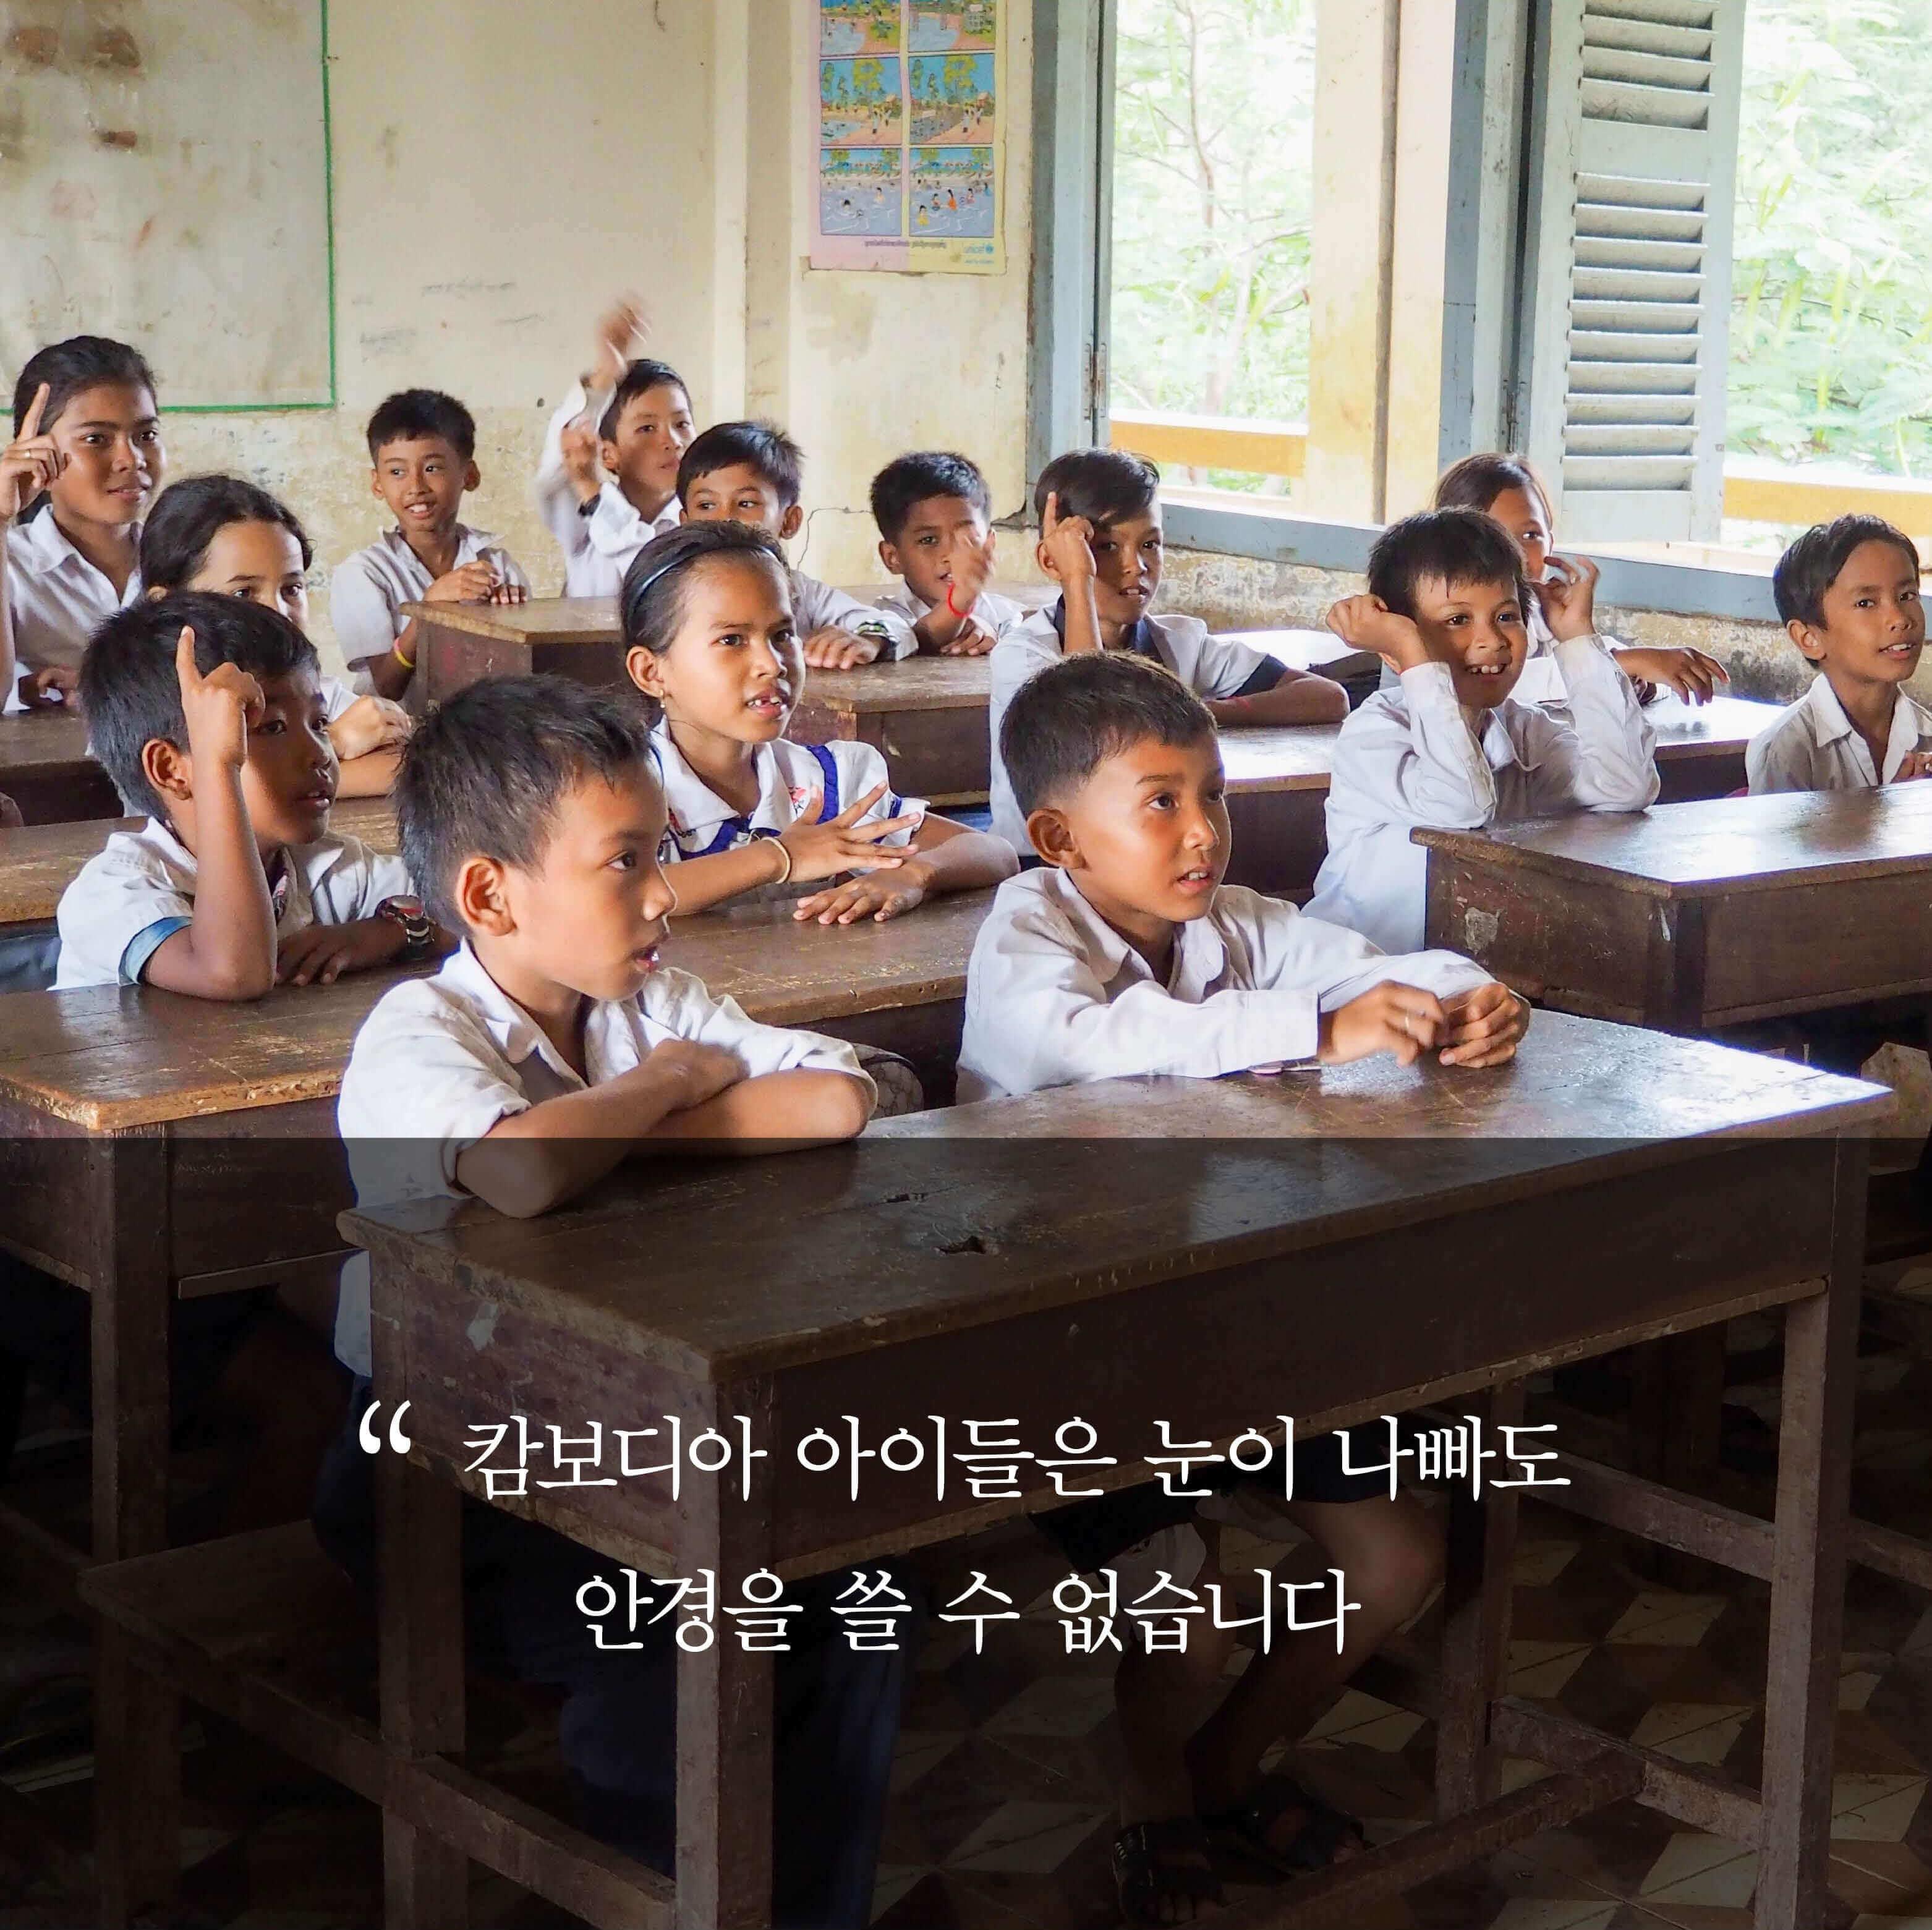 캄보디아 아이들은 눈이 나빠도 안경을 쓸 수 없습니다